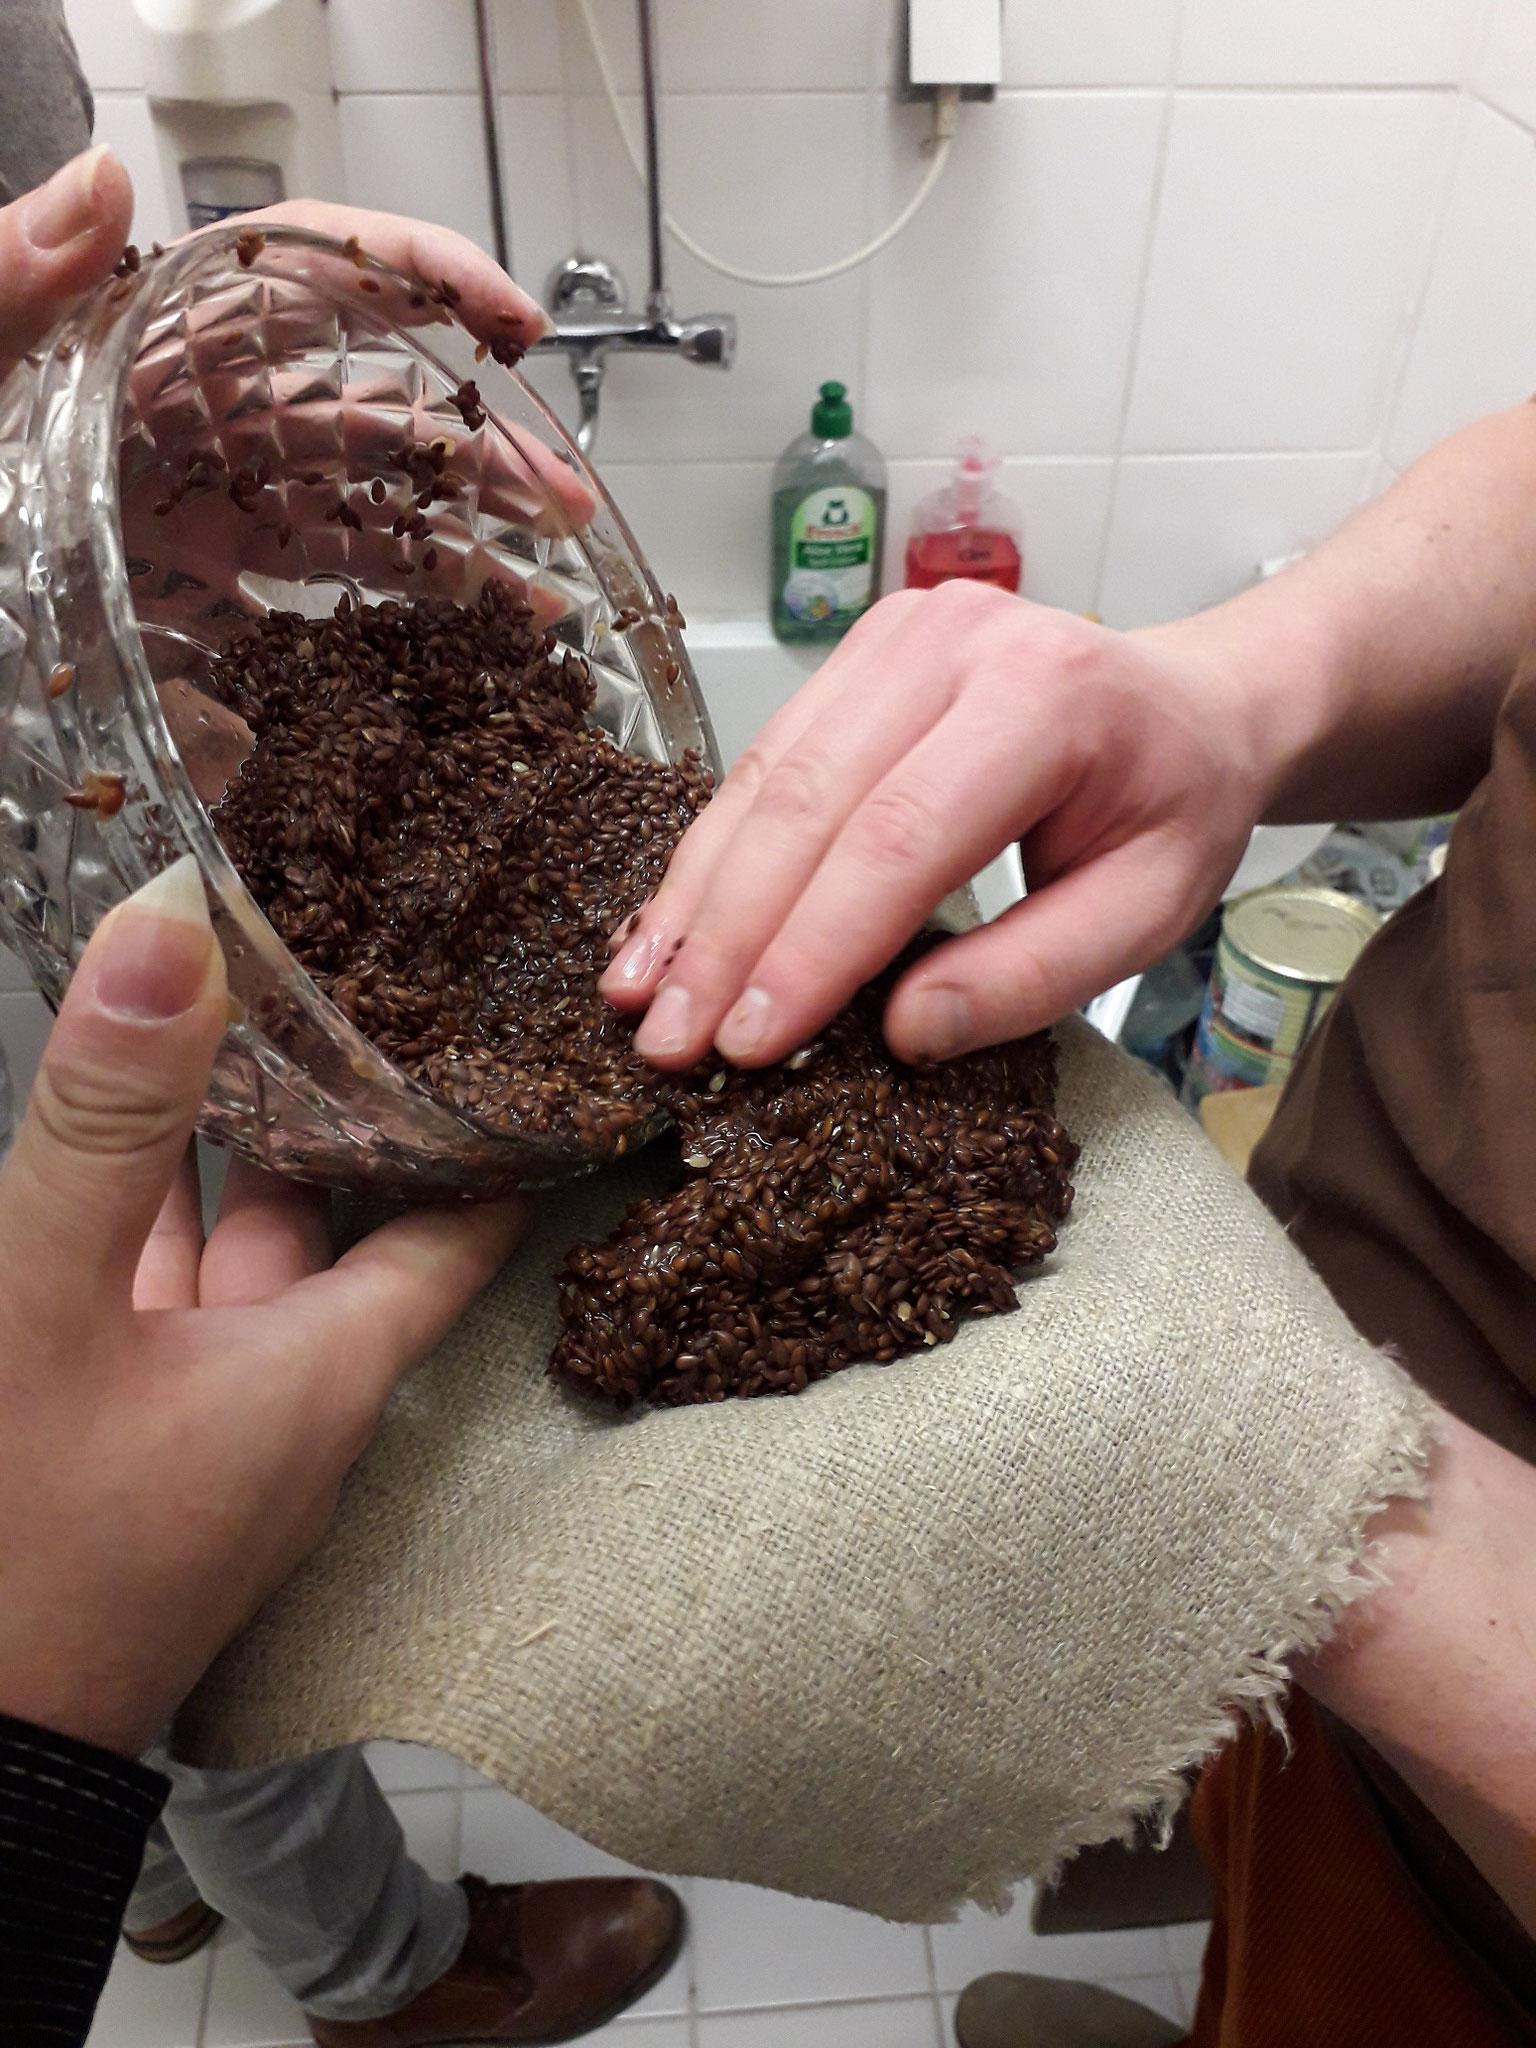 Nach dem Kochen und Sieben enthielten die Leinsamenkörner immer noch viel Leim, den wir durch pressen gewannen.